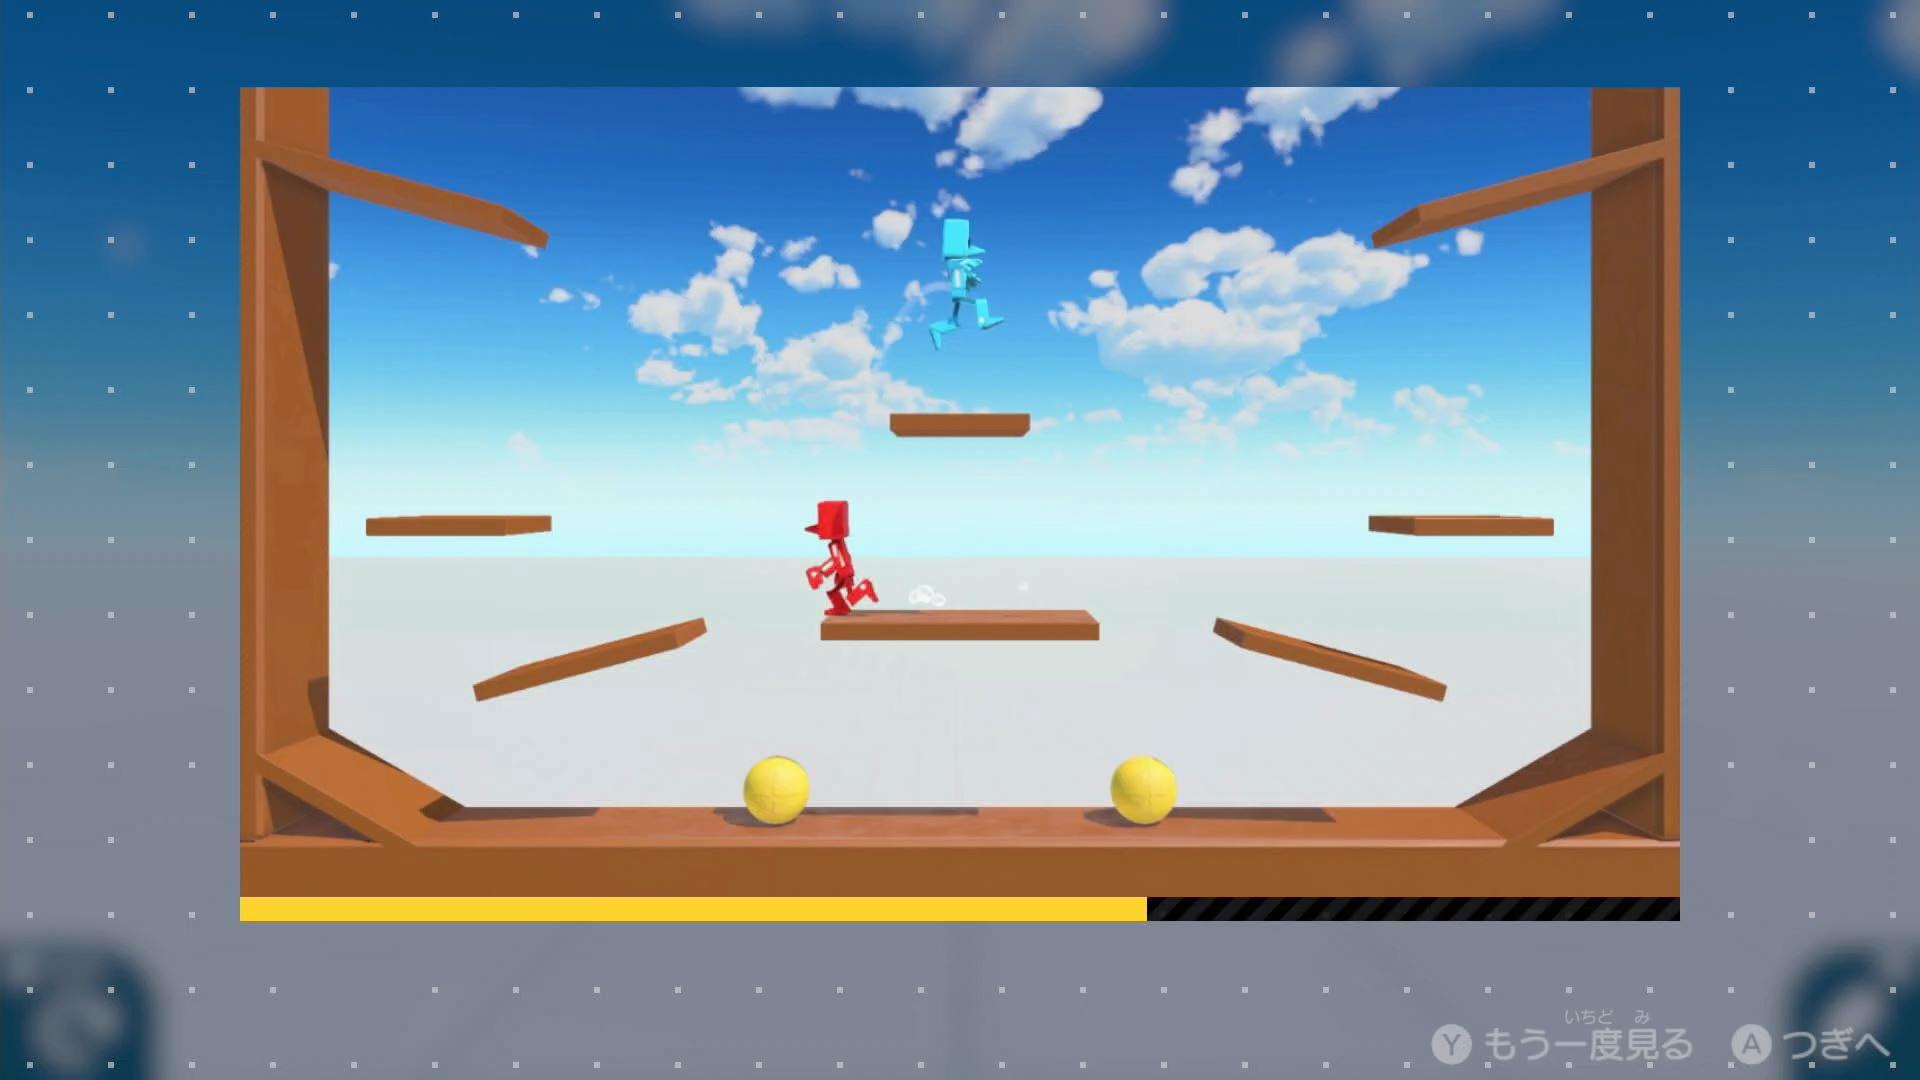 レッスン1で作るゲーム「二人対戦おにごっこバトル」の完成形が最初に示される